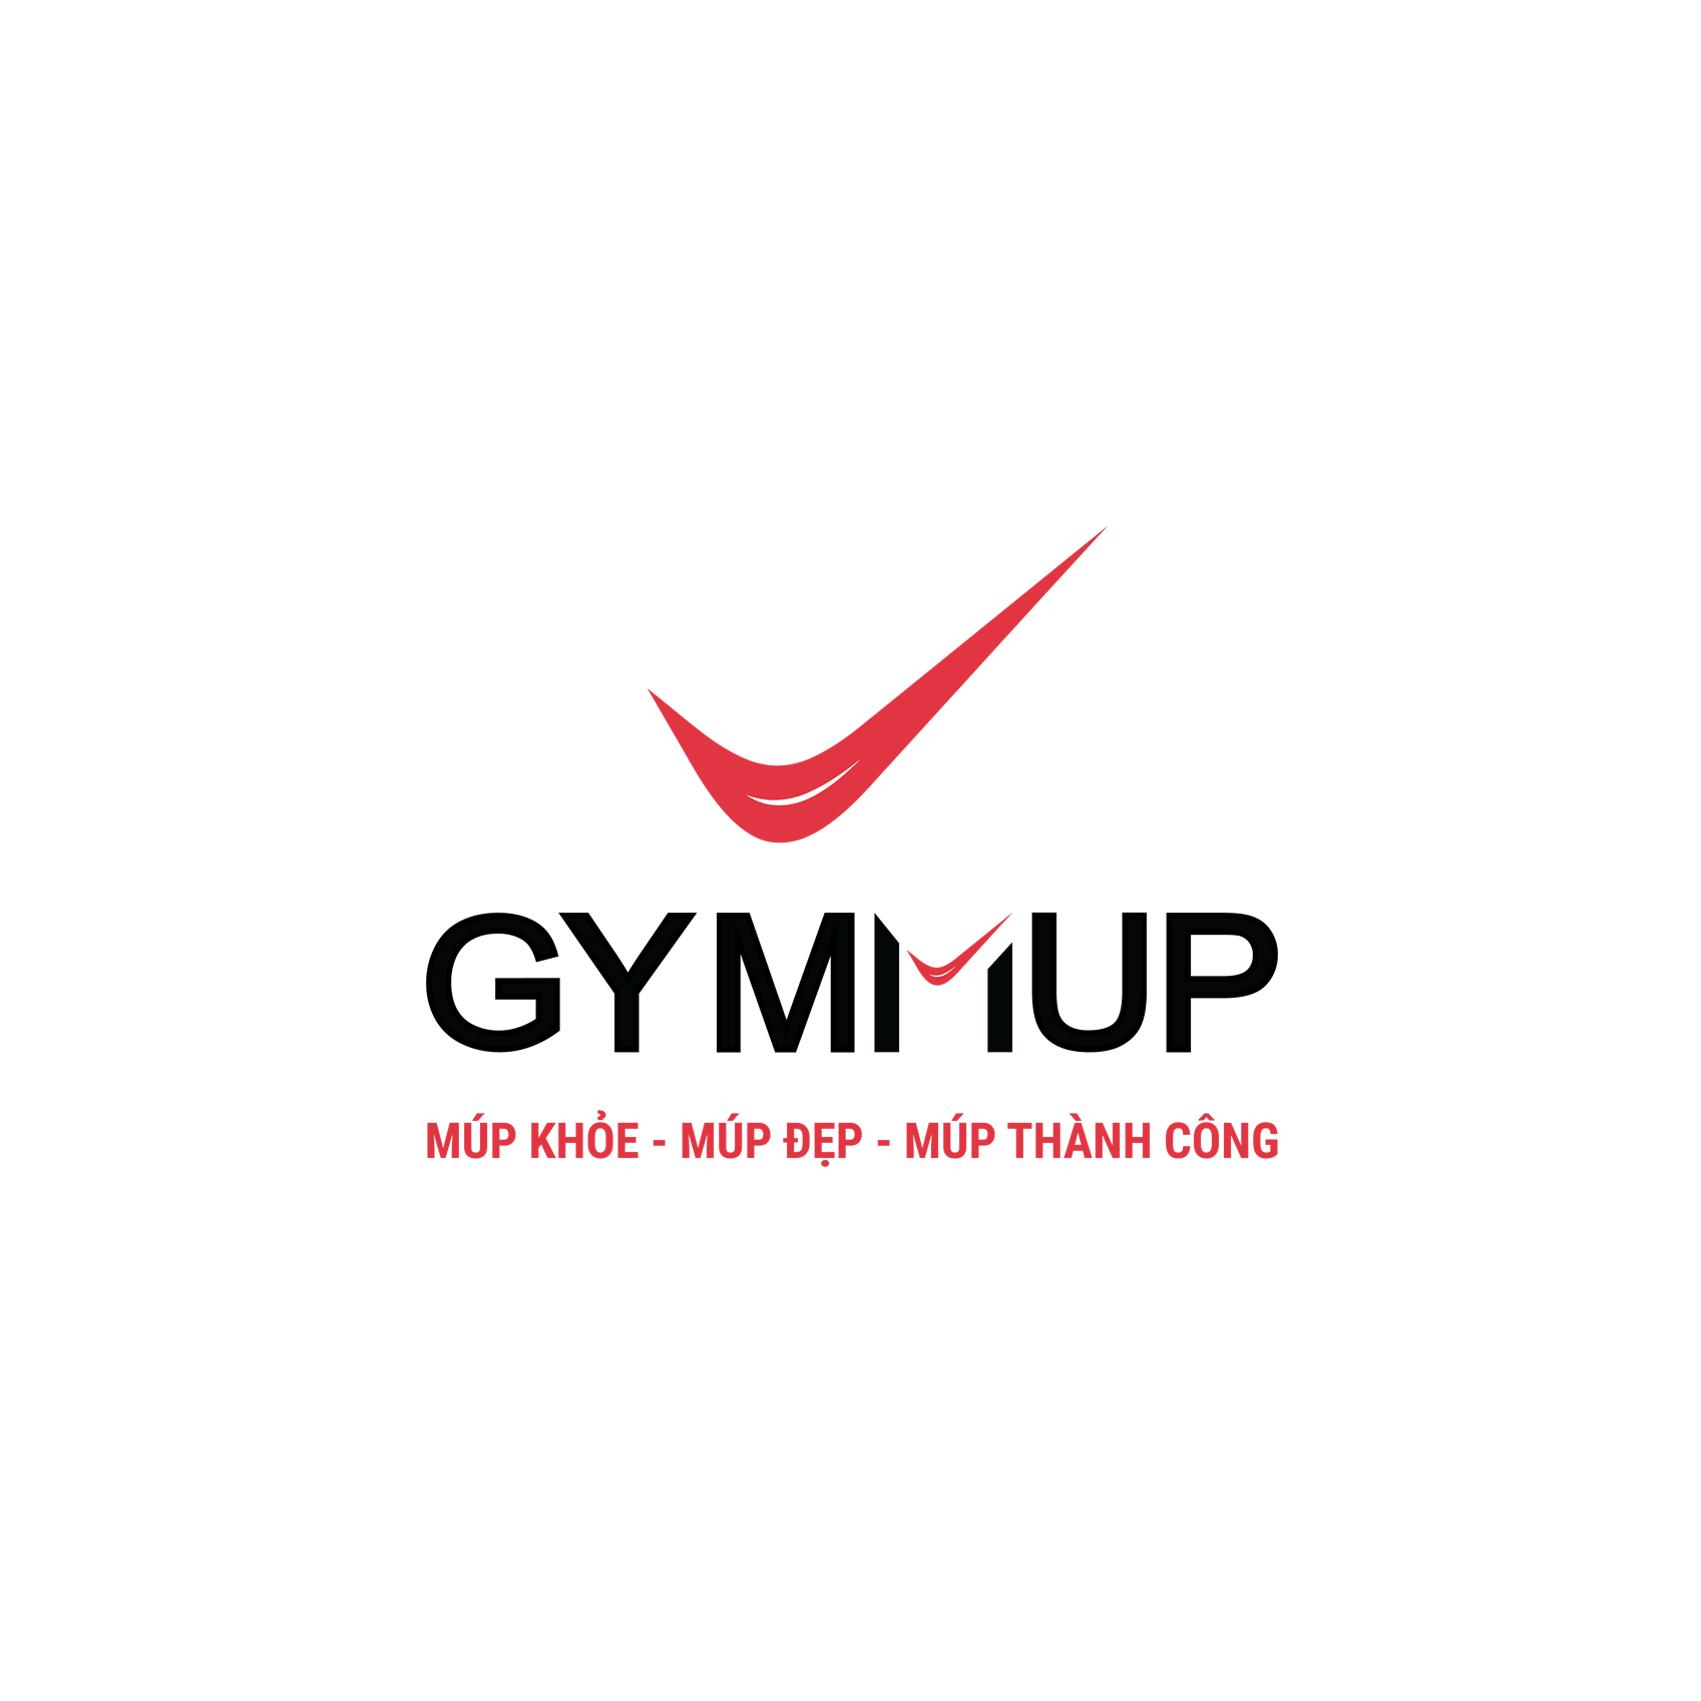 Gym-Múp-đồ thể thao logo thiết kế bởi Helixgram logo trọn bộ nhận diện thương hiệu thiết kế hình ảnh đại diện brand identity thiết kế đồ họa in ấn quảng cáo thiết kế website WordPress Helixgram